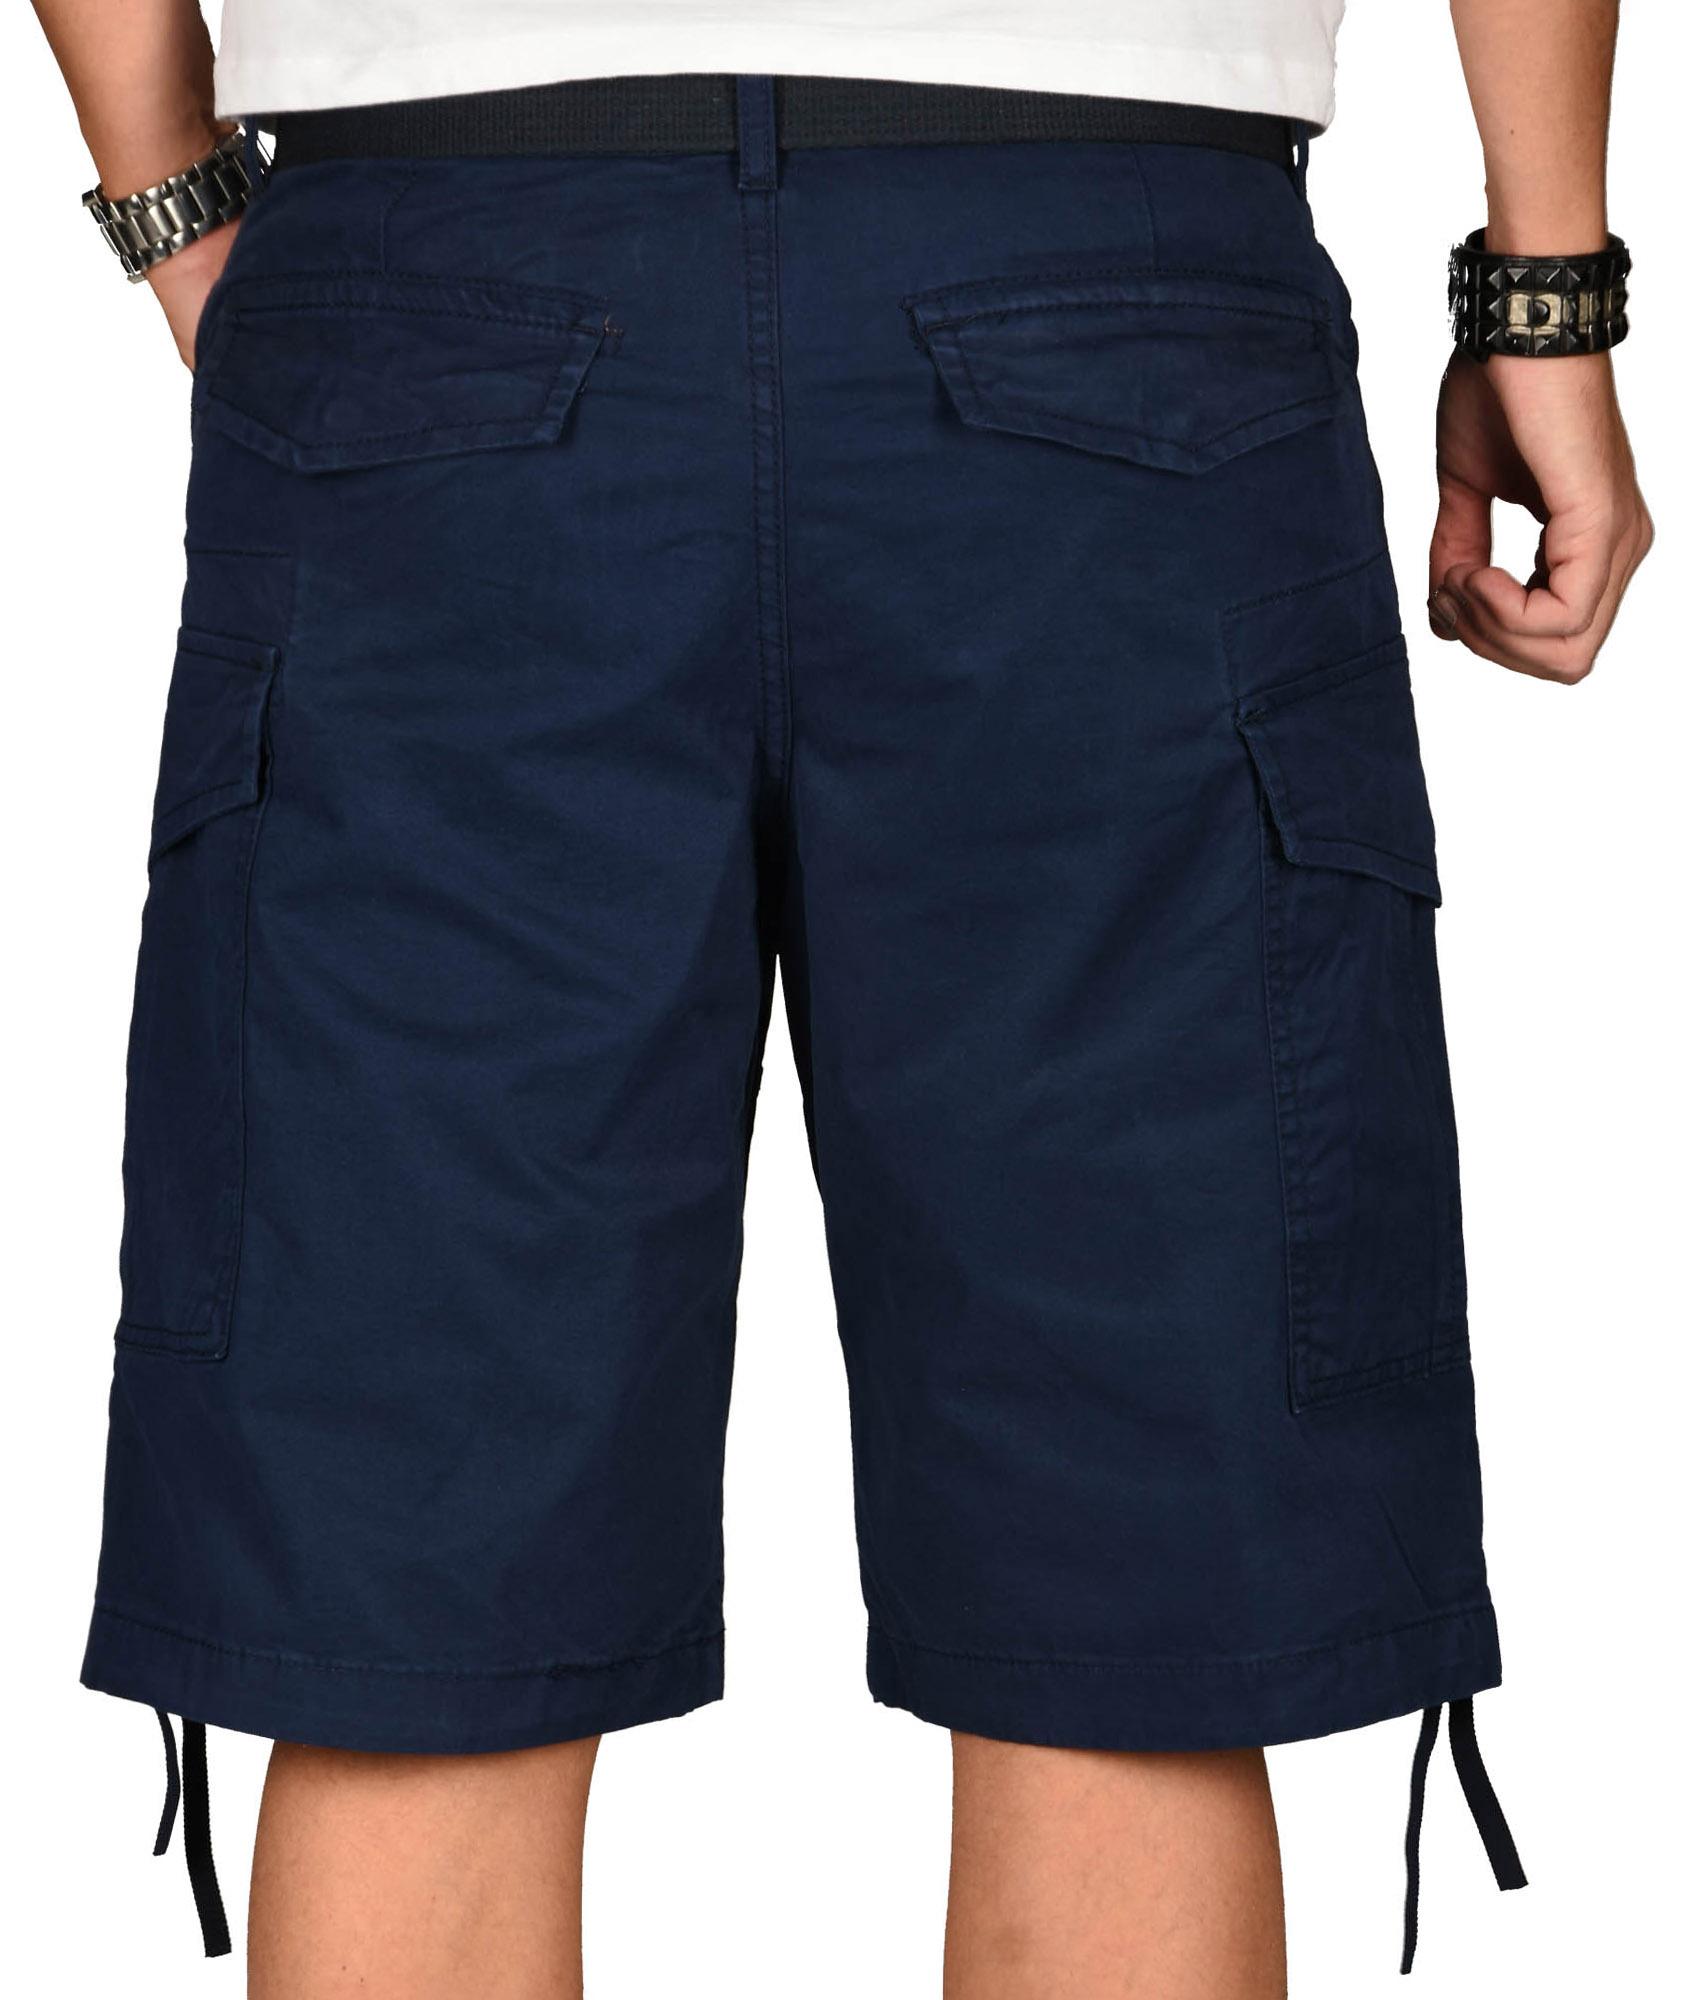 A-Salvarini-Herren-Comfort-Cargo-Shorts-Cargoshorts-kurze-Hose-Guertel-AS133-NEU Indexbild 21